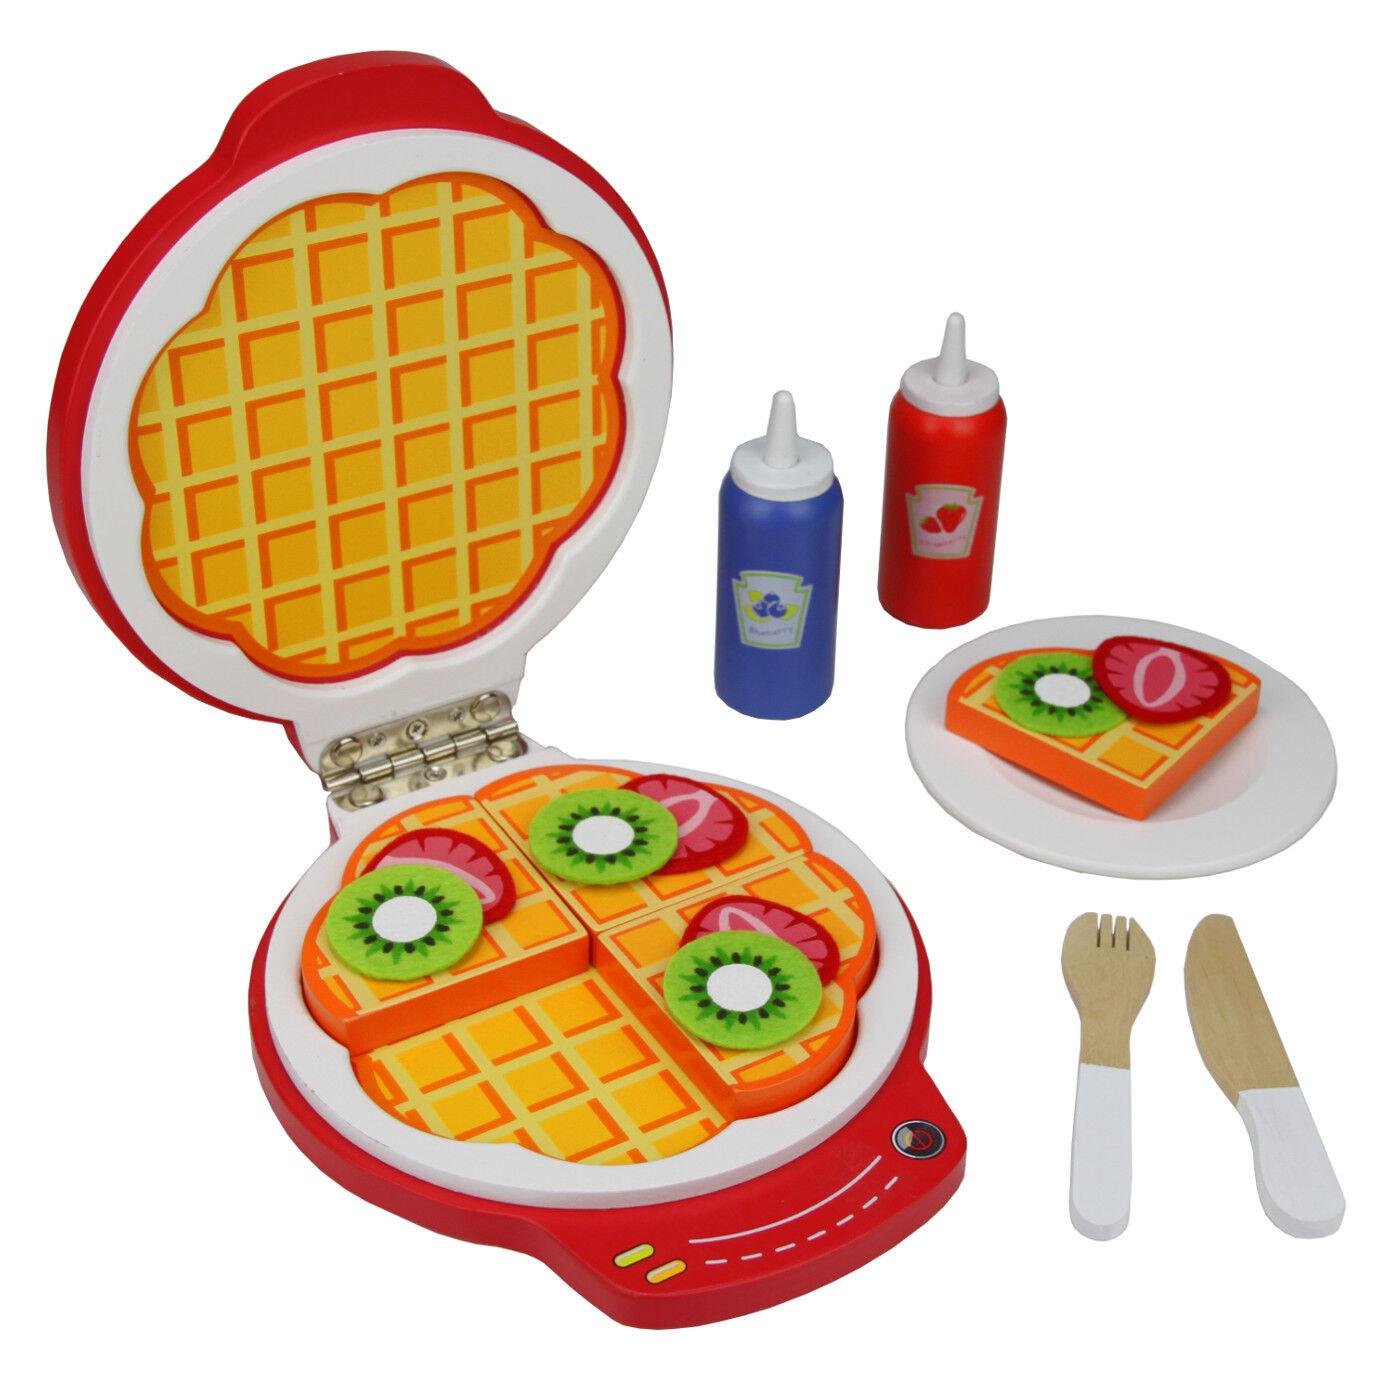 Waffeleisen Spielzeug Holz Spielset Zubehör Spielküche Kinderküche ...